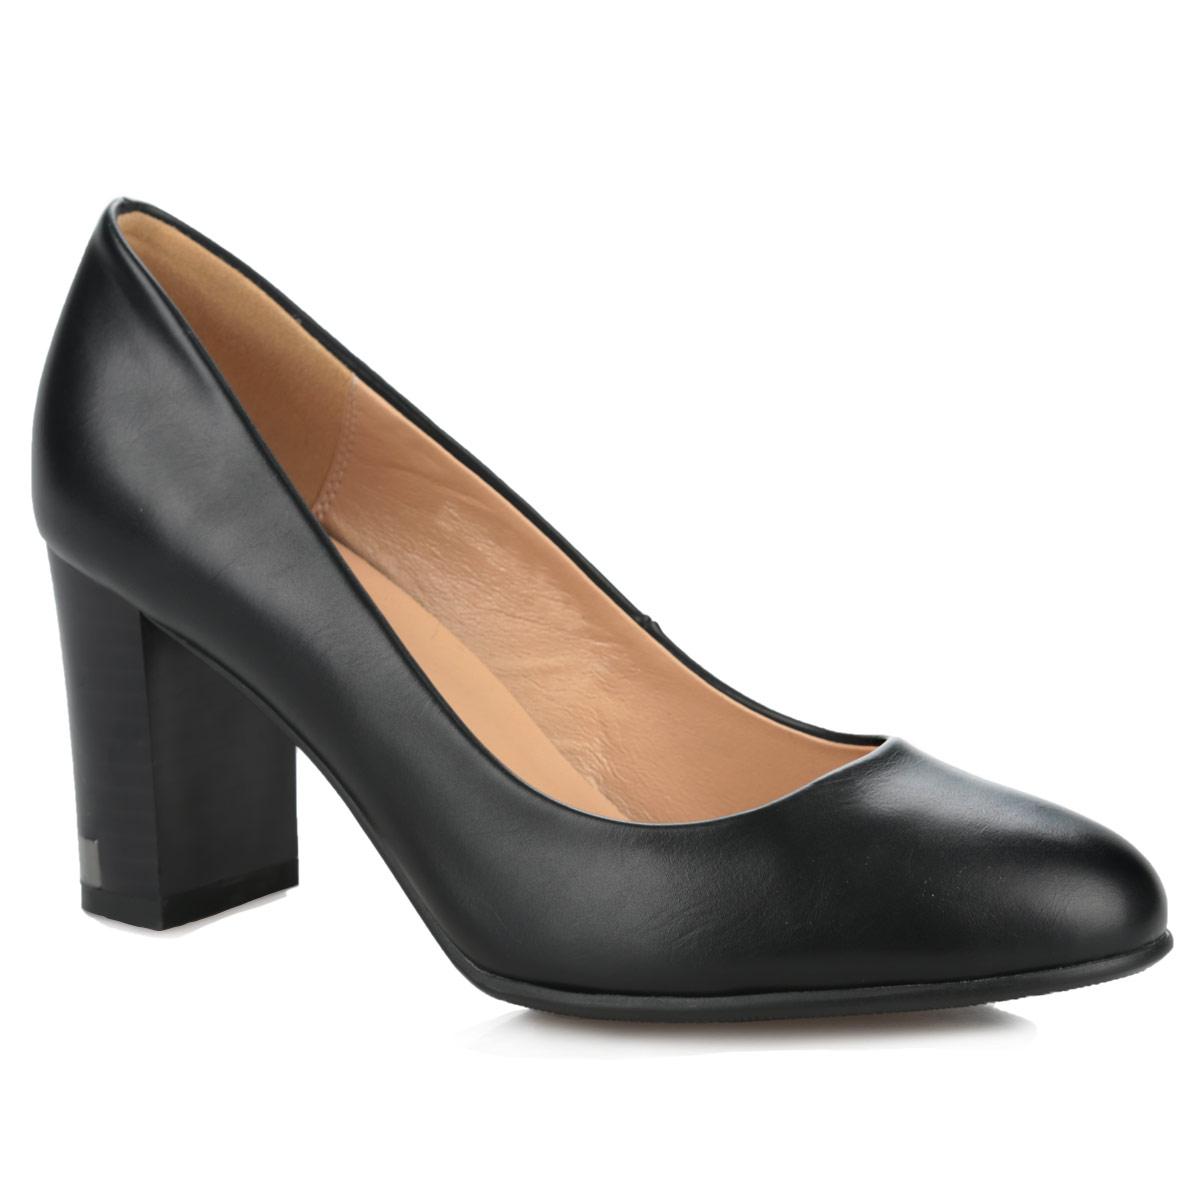 60266-01-1KМодные туфли от Inario покорят вас с первого взгляда! Модель выполнена из искусственной кожи и исполнена в лаконичном стиле. Округлый мыс смотрится невероятно женственно. Умеренной высоты каблук, оформленный металлической вставкой, устойчив. Подошва и каблук оснащены противоскользящим рифлением. Прелестные туфли займут достойное место среди вашей коллекции обуви.